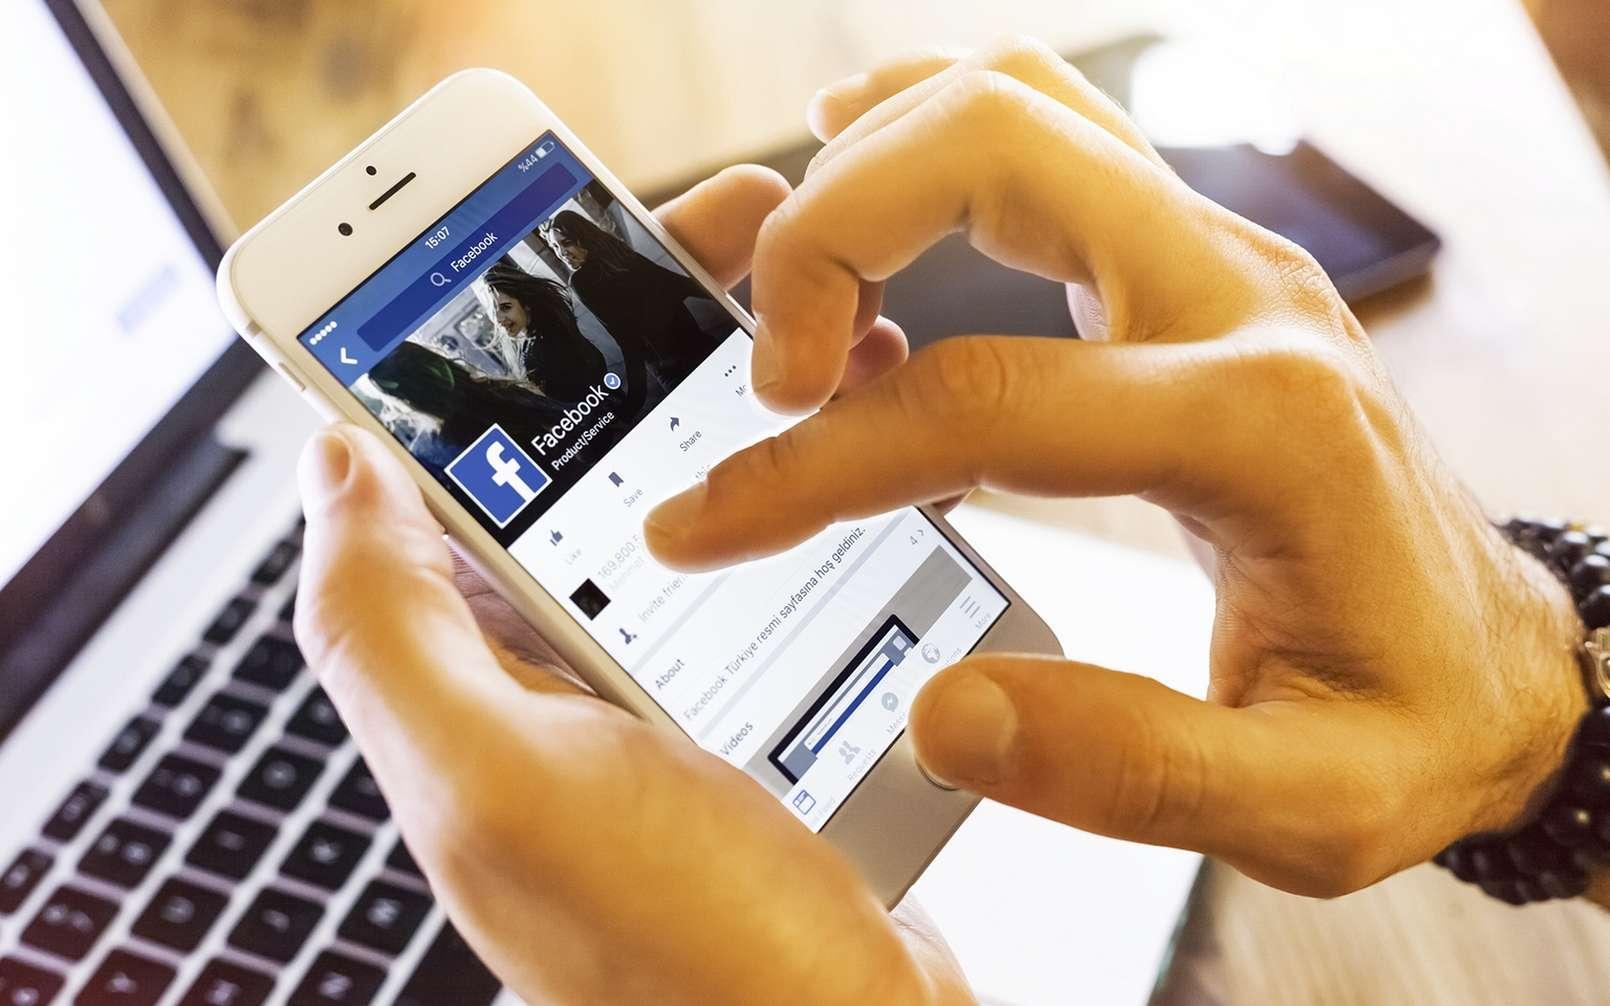 Les données de centaines de millions de comptes Facebook sont accessibles sur des sites de pirates informatiques. © bombuscreative, IStock.com